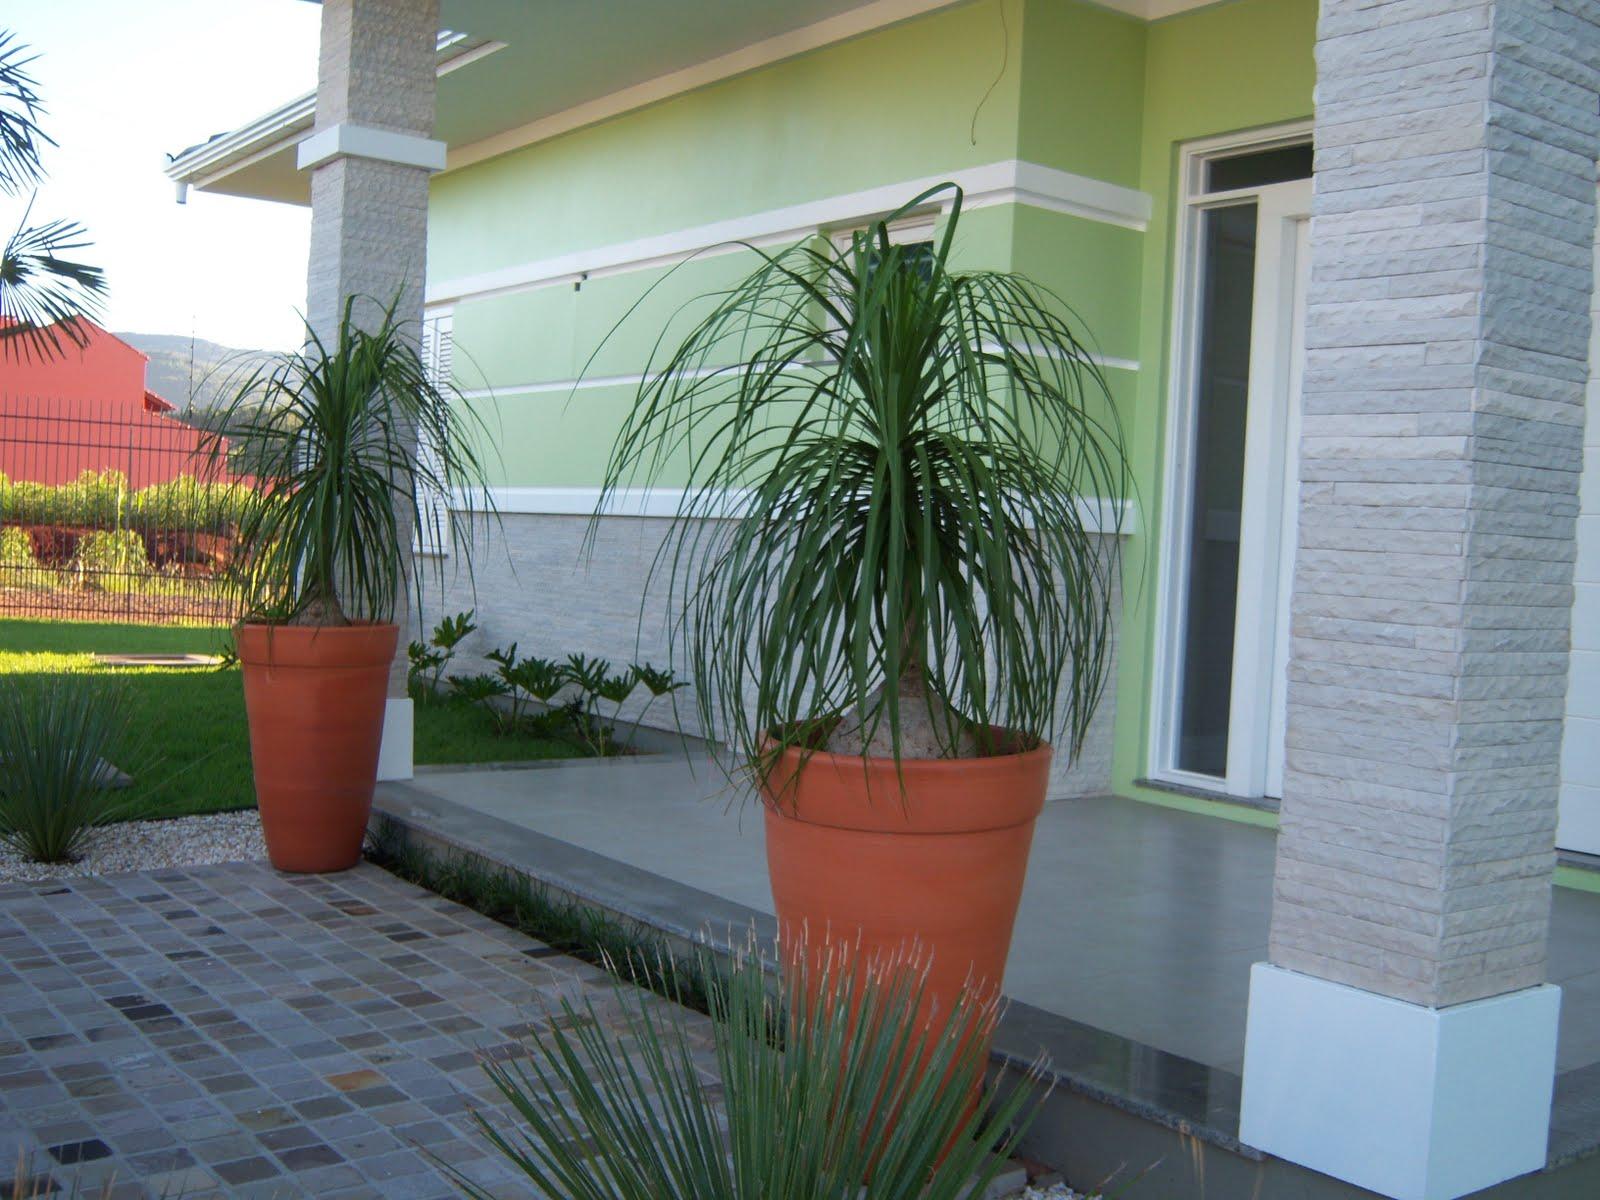 Feito por arquiteto dica feito por arquiteto vasos - Plantas grandes de interior resistentes ...